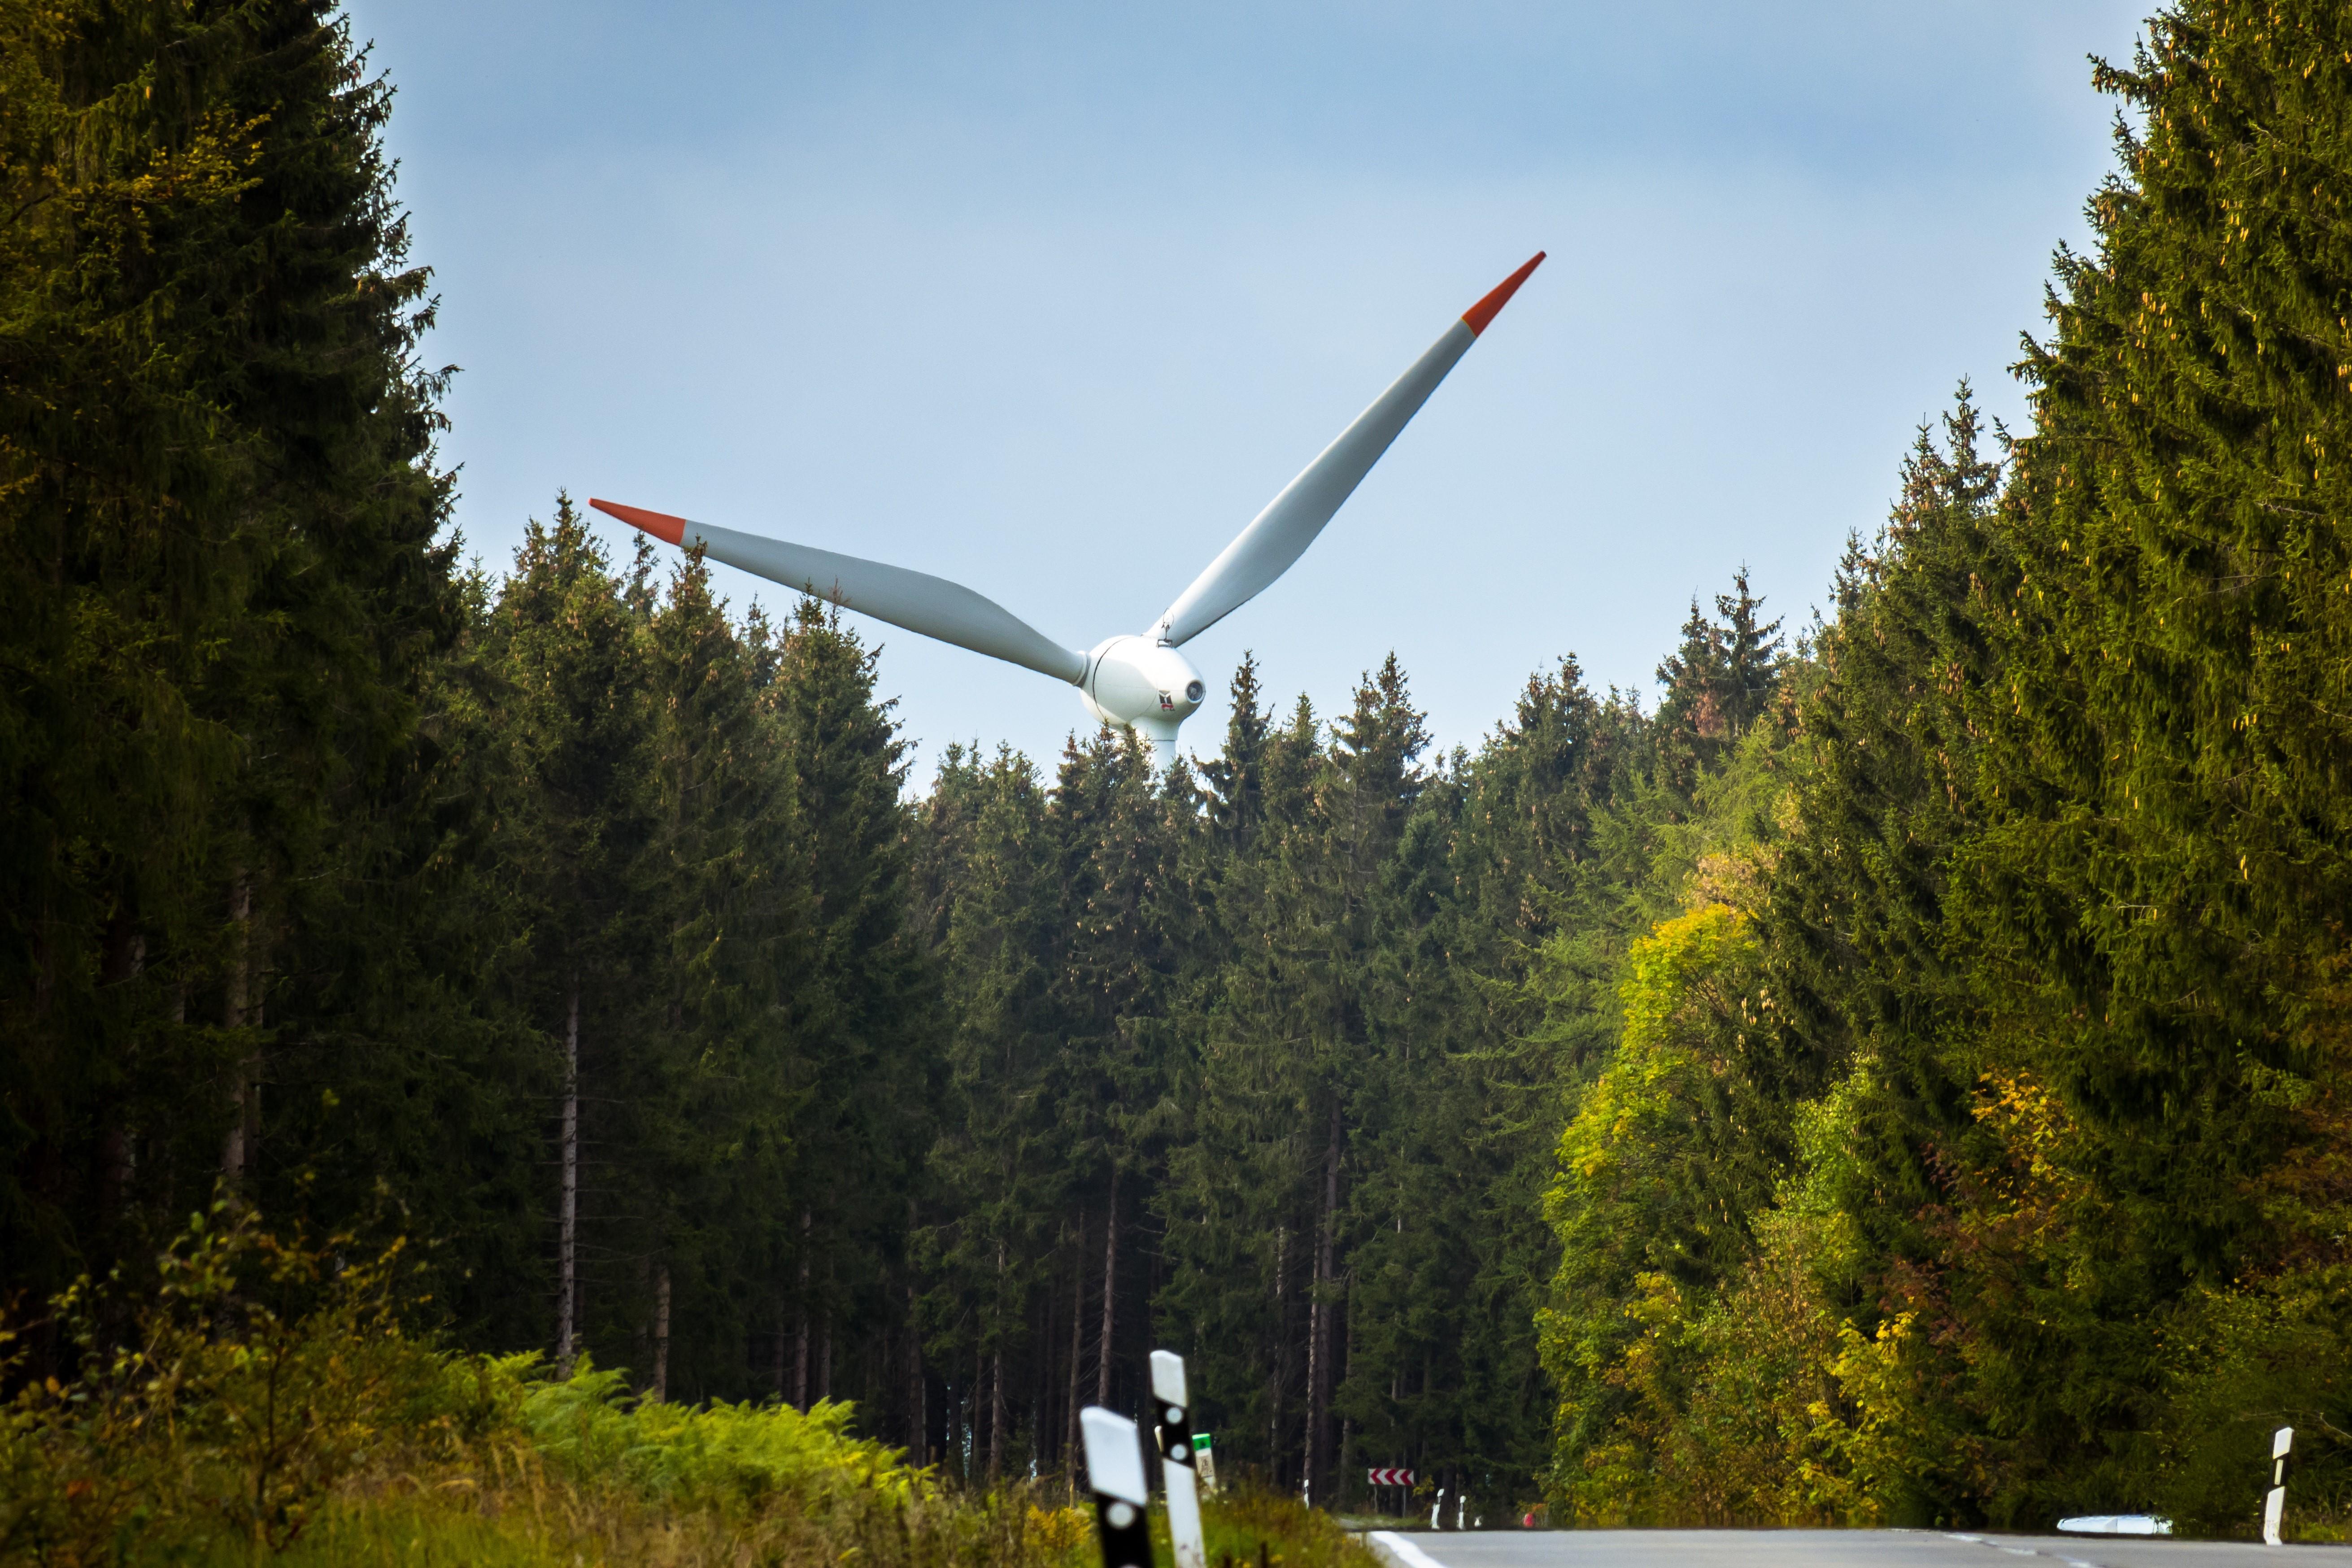 Windenergieanlage im Wald